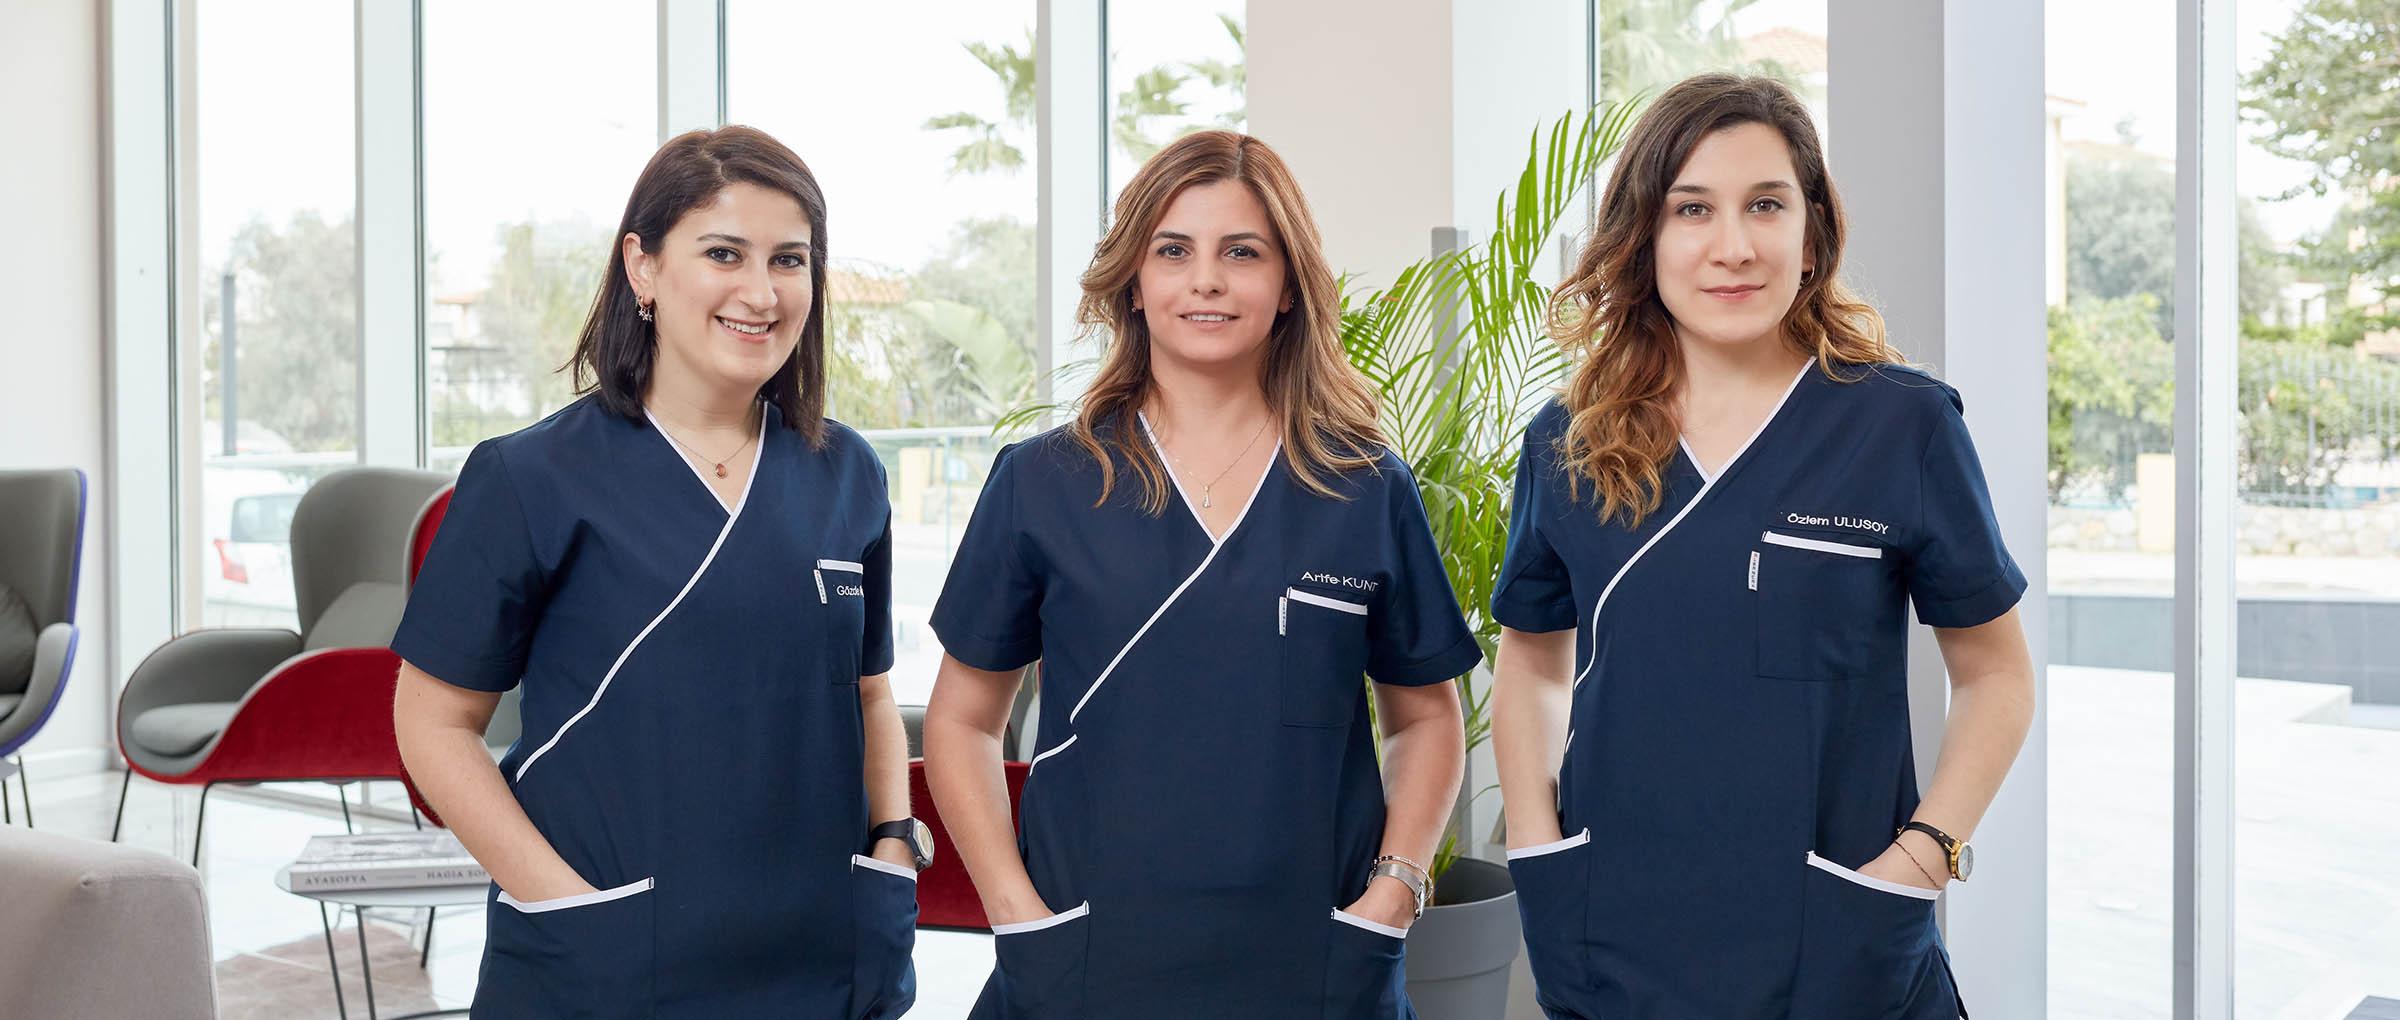 Dunya IVF nursing staff